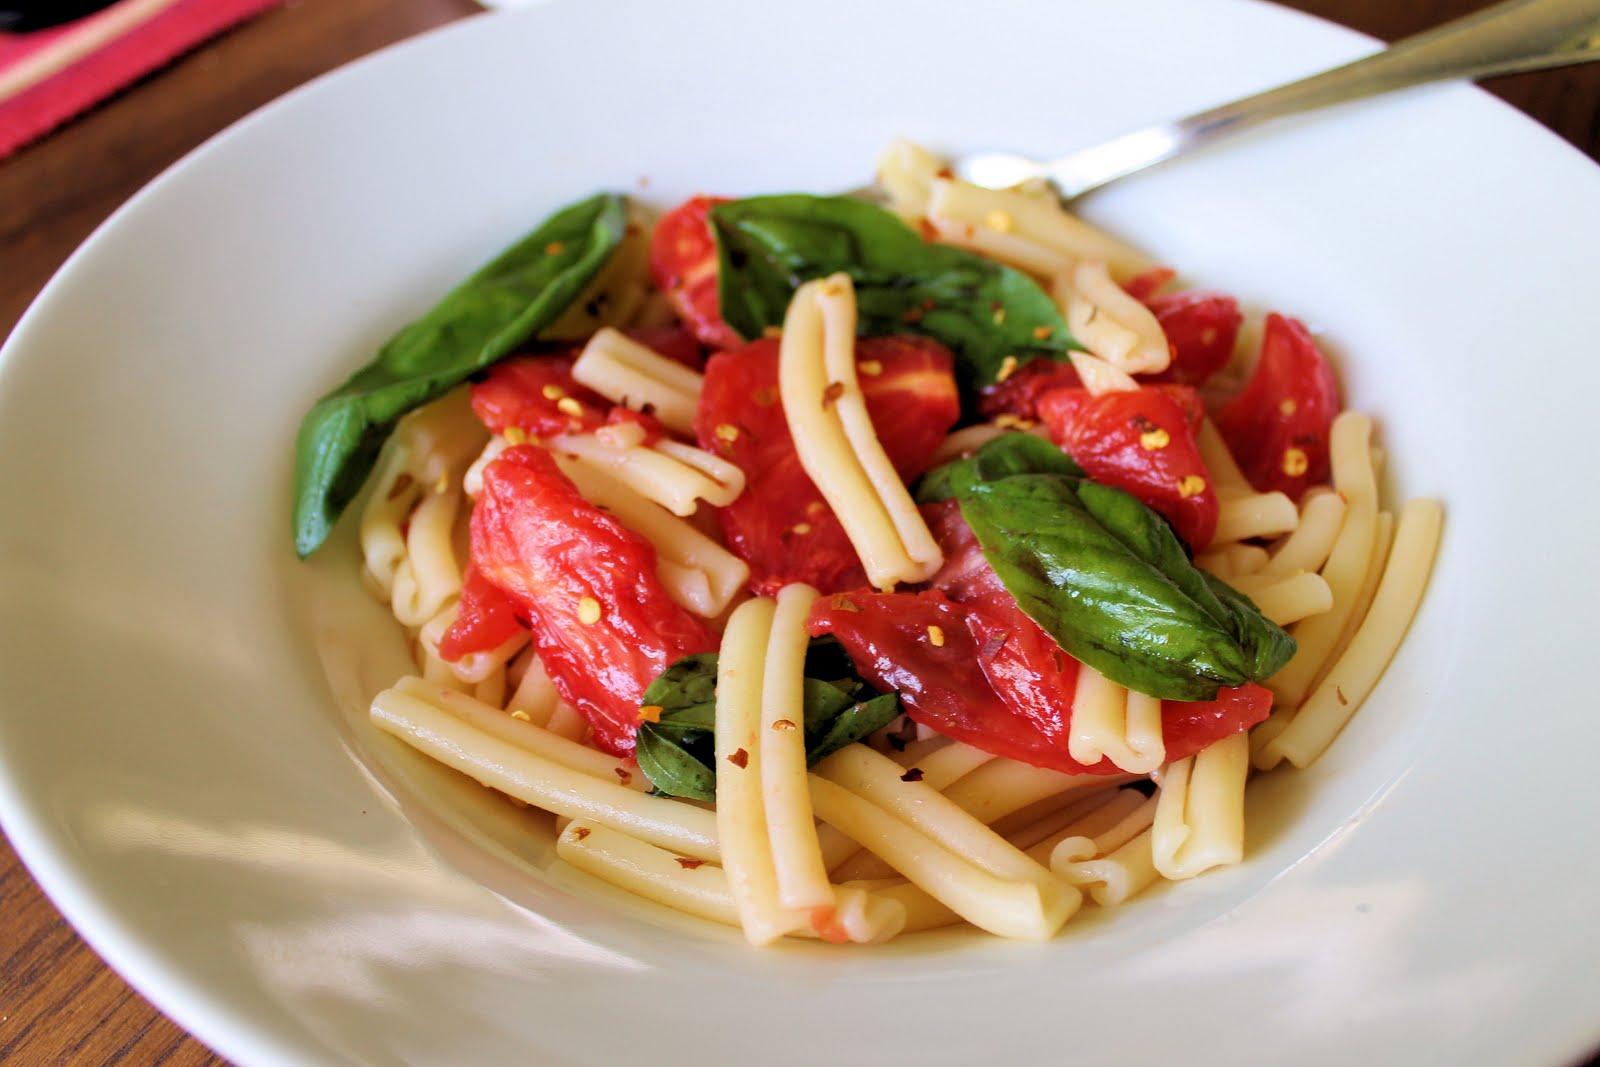 Filetto Di Pomodoro Recipes — Dishmaps